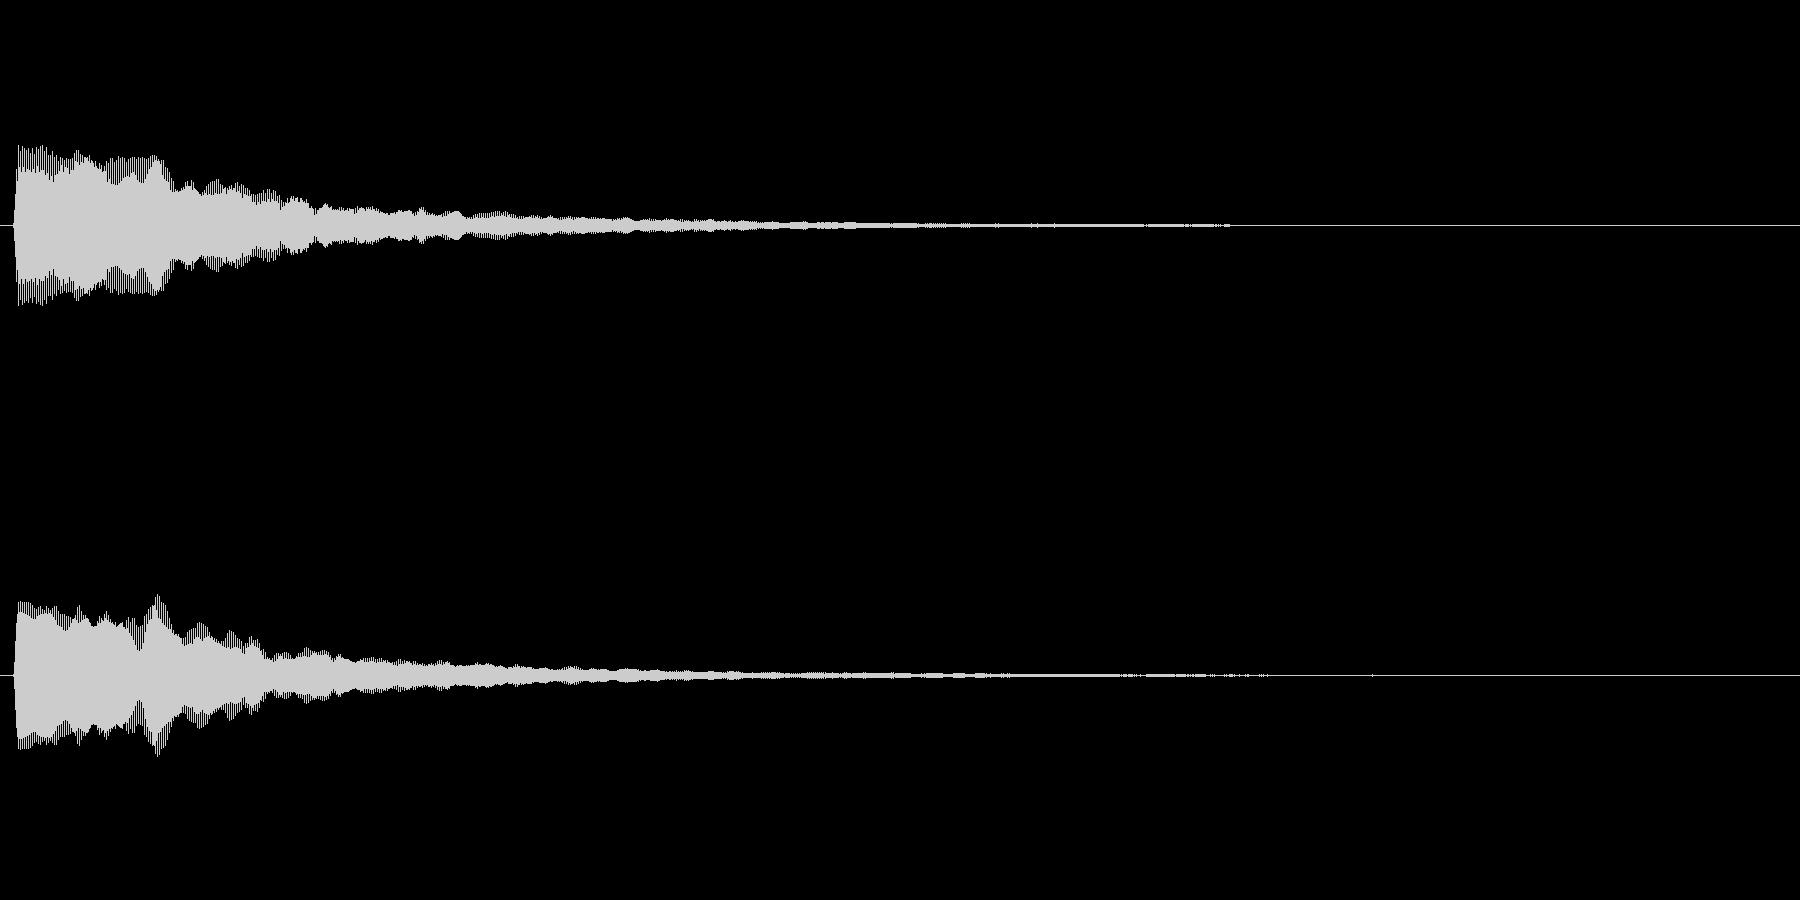 カーソル移動音 マウスオーバー等を想定の未再生の波形